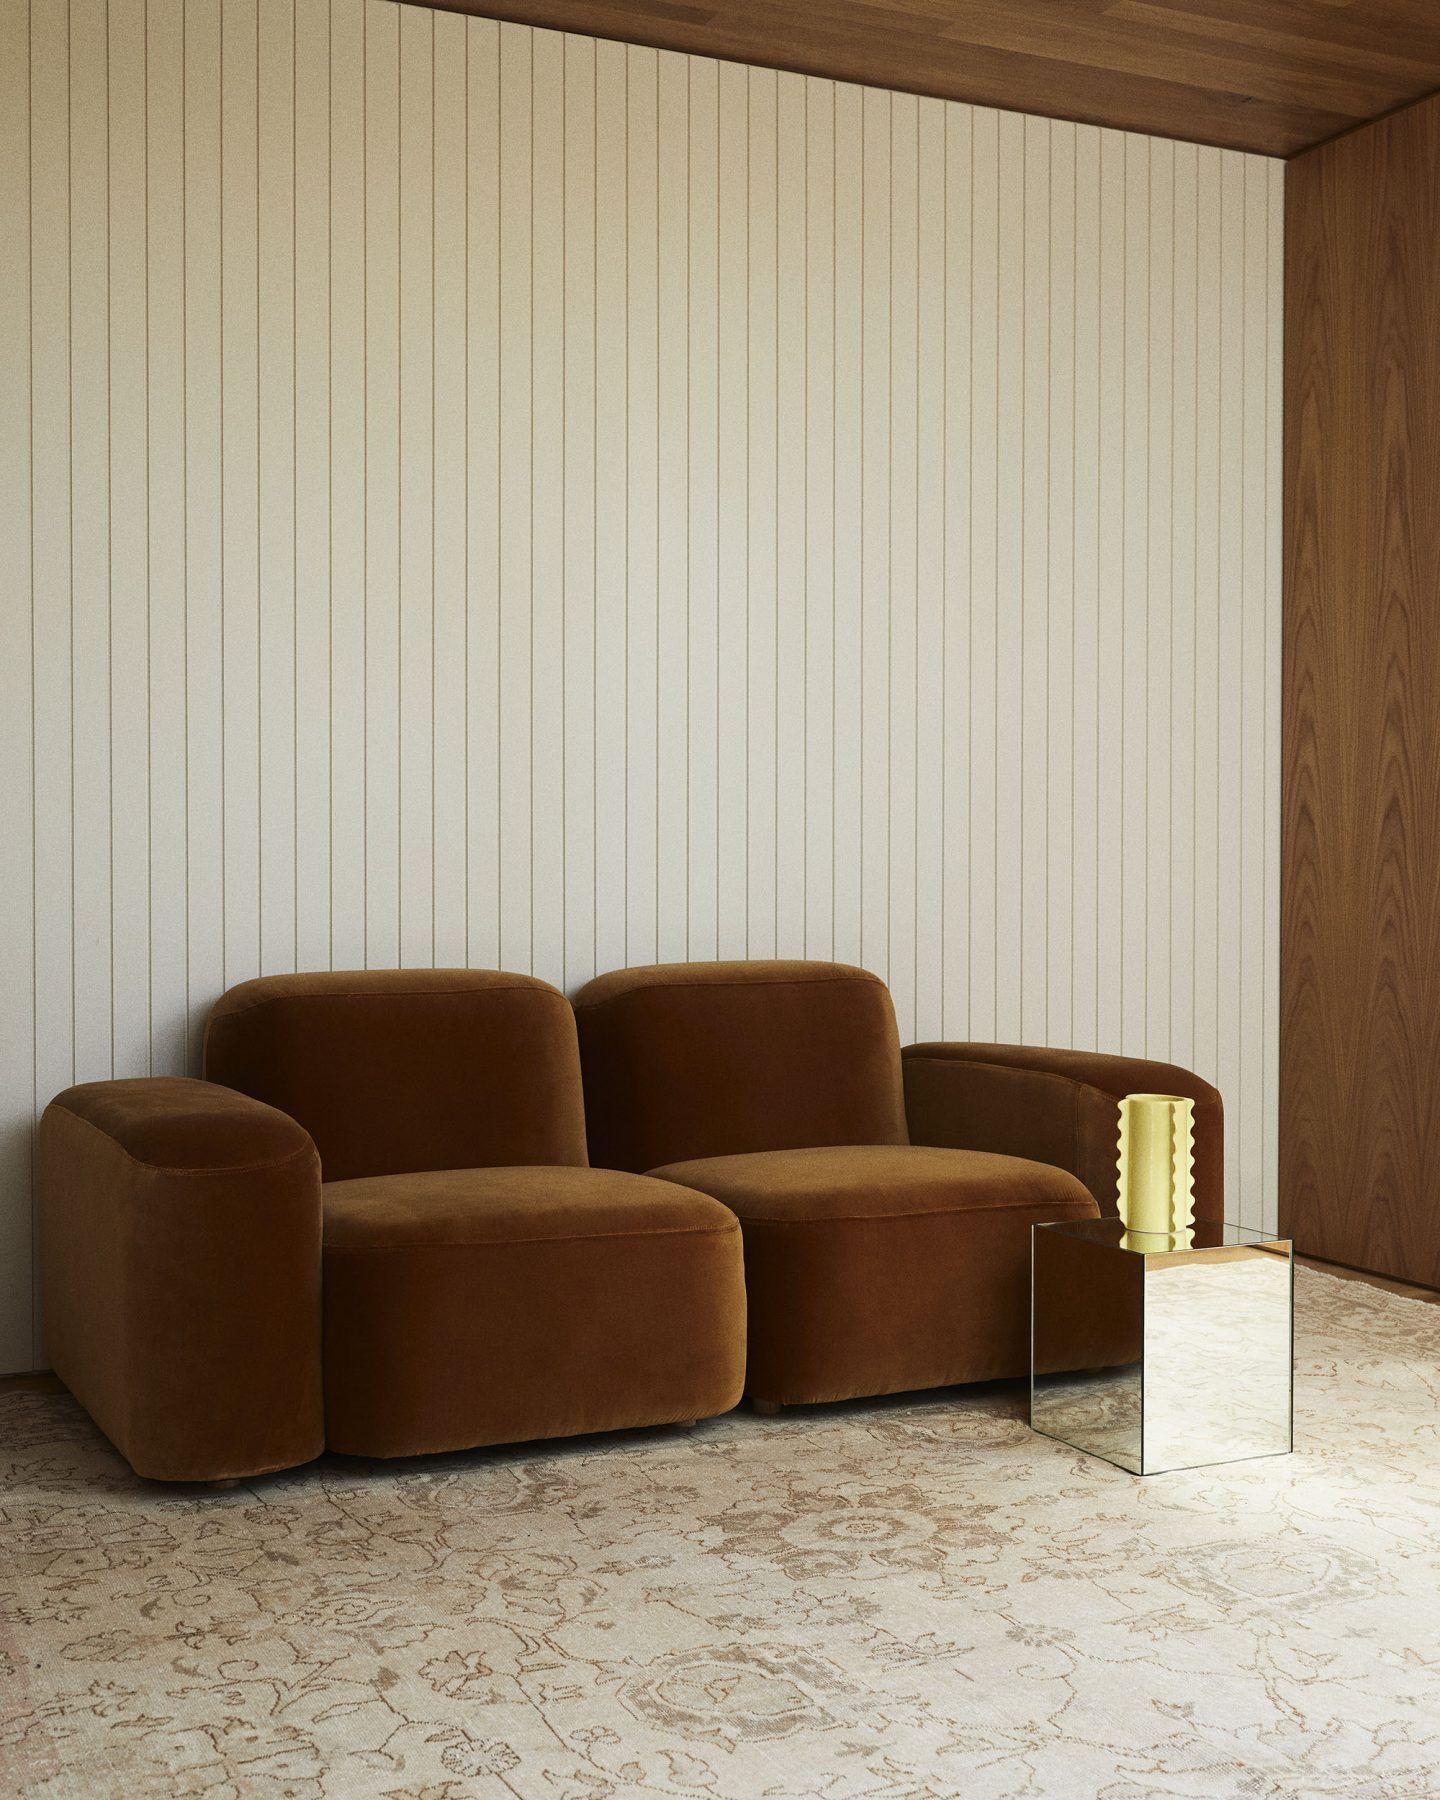 IGNANT-Design-Sarah-Ellison-Sol-016